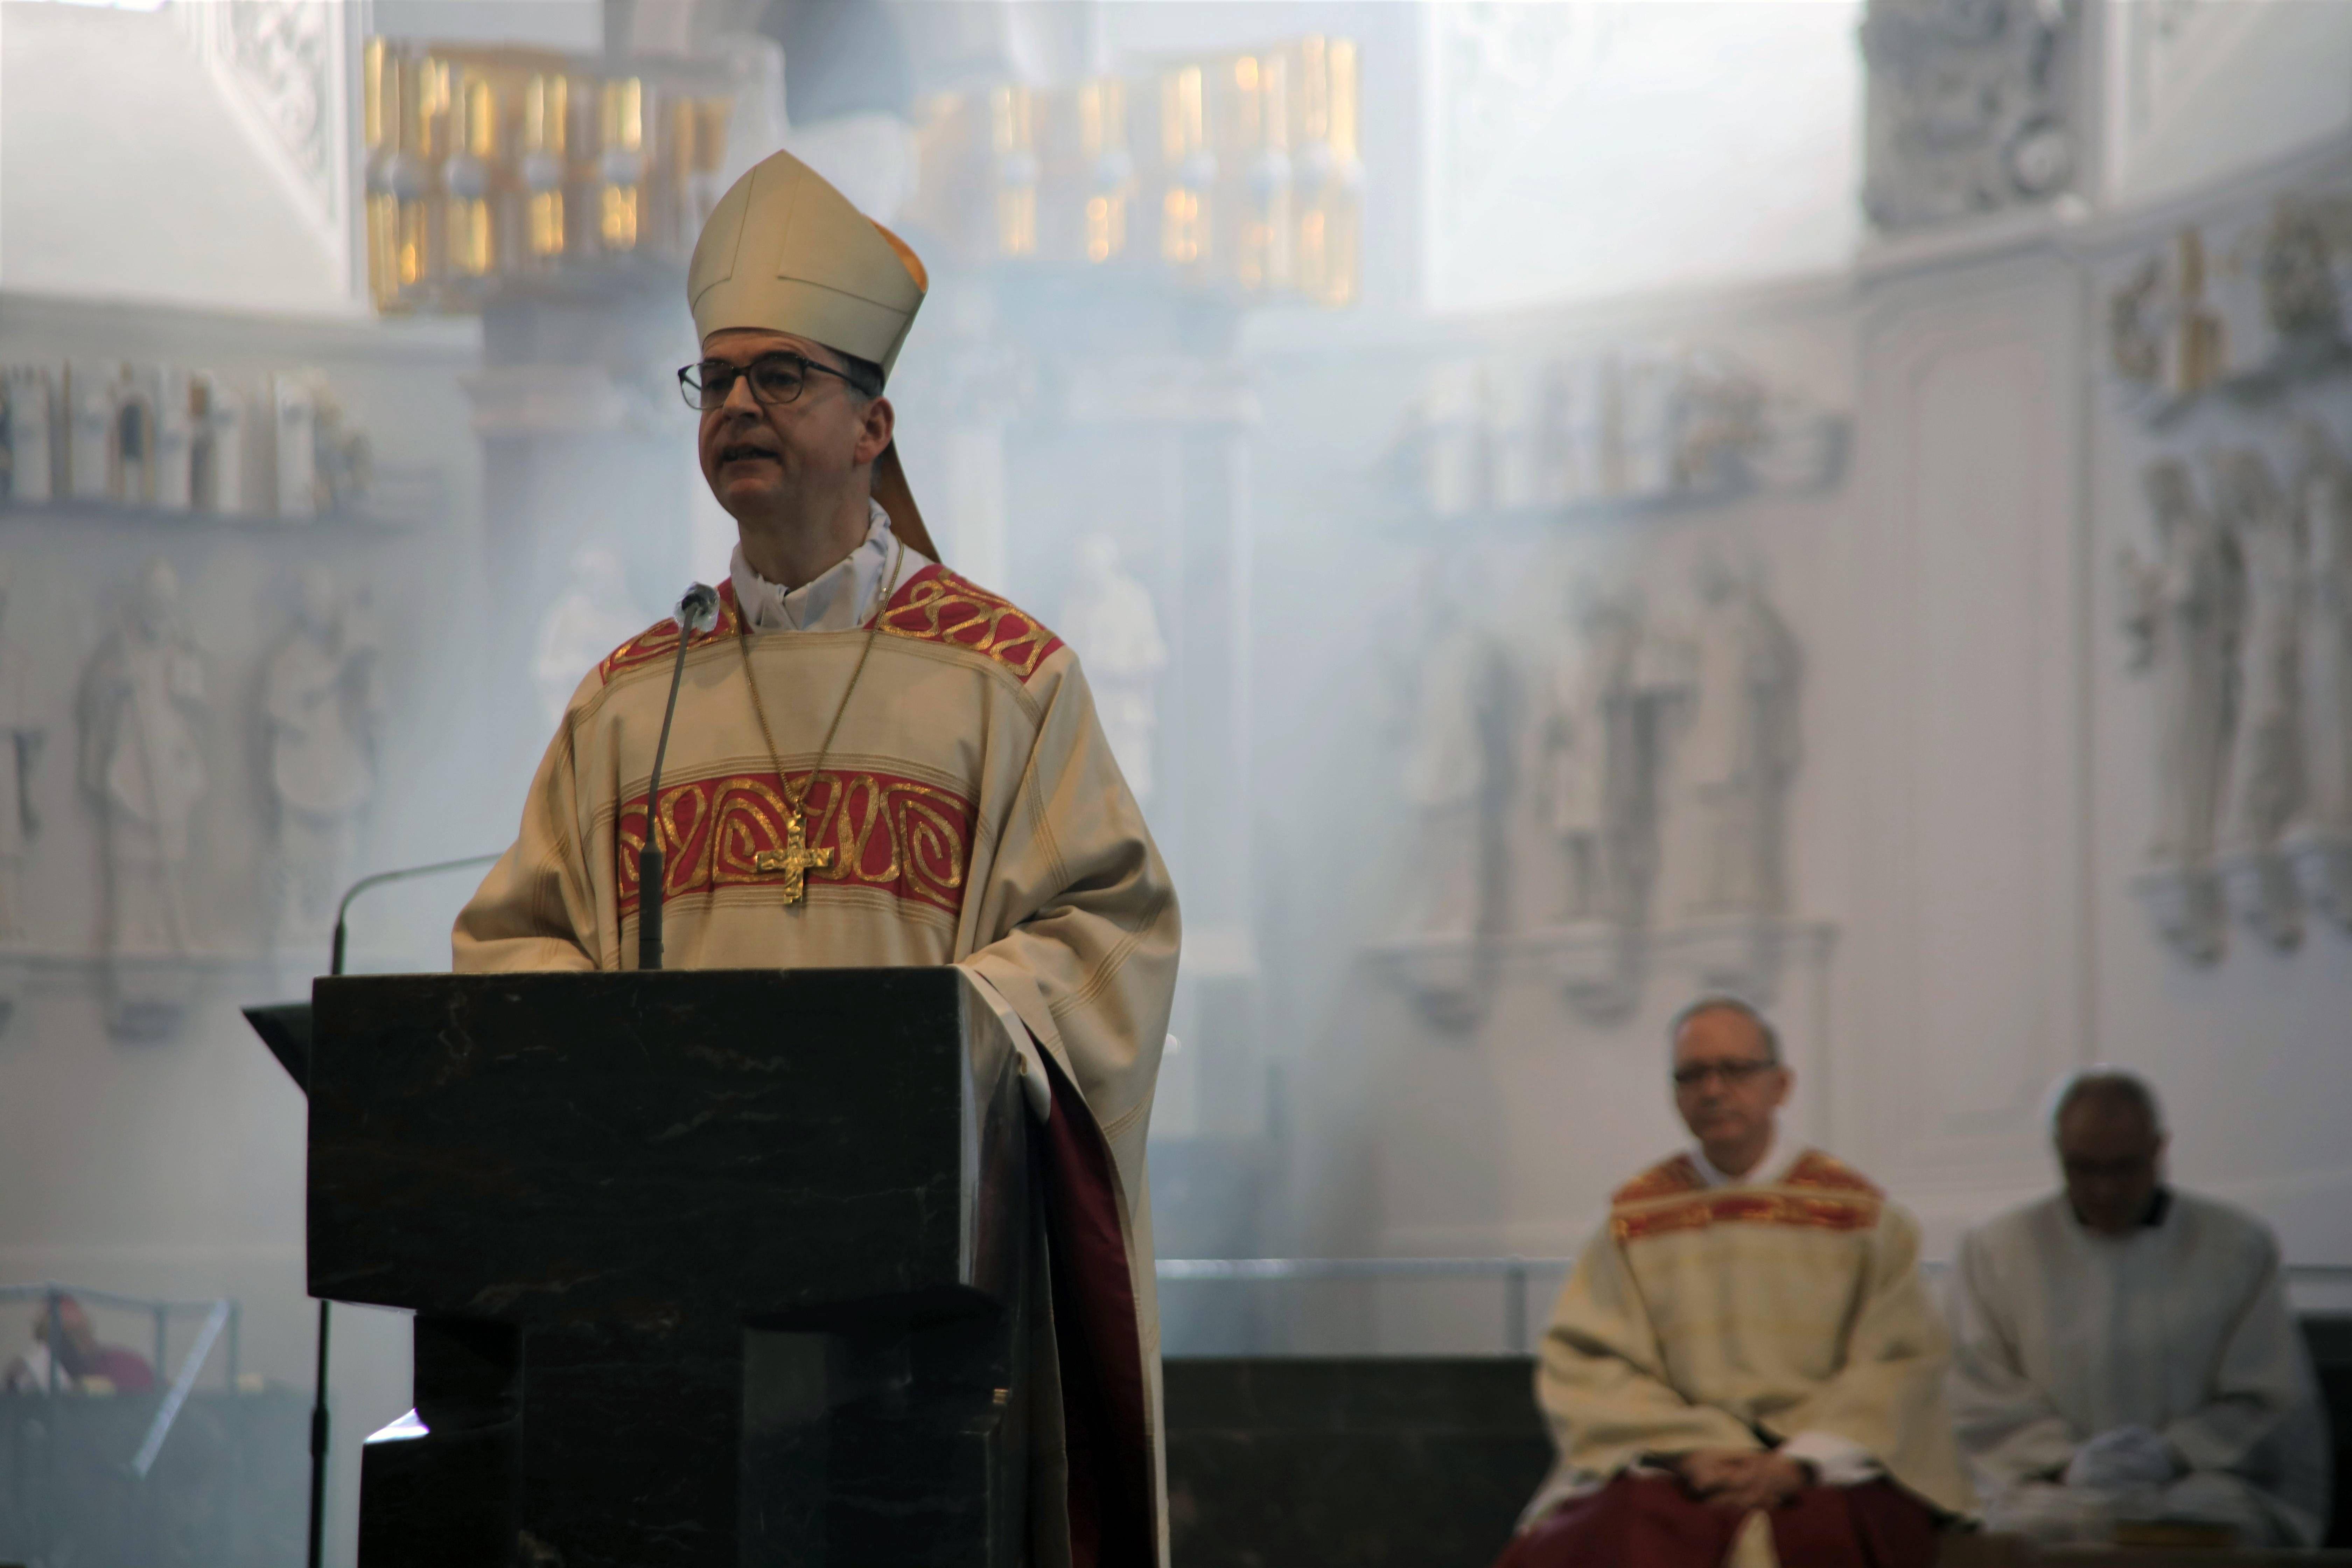 Bei einem Pontifikalgottesdienst hat Bischof Dr. Franz Jung im Würzburger Kiliansdom die Verdienste des scheidenden Generalvikars Thomas Keßler (2. von rechts) gewürdigt.